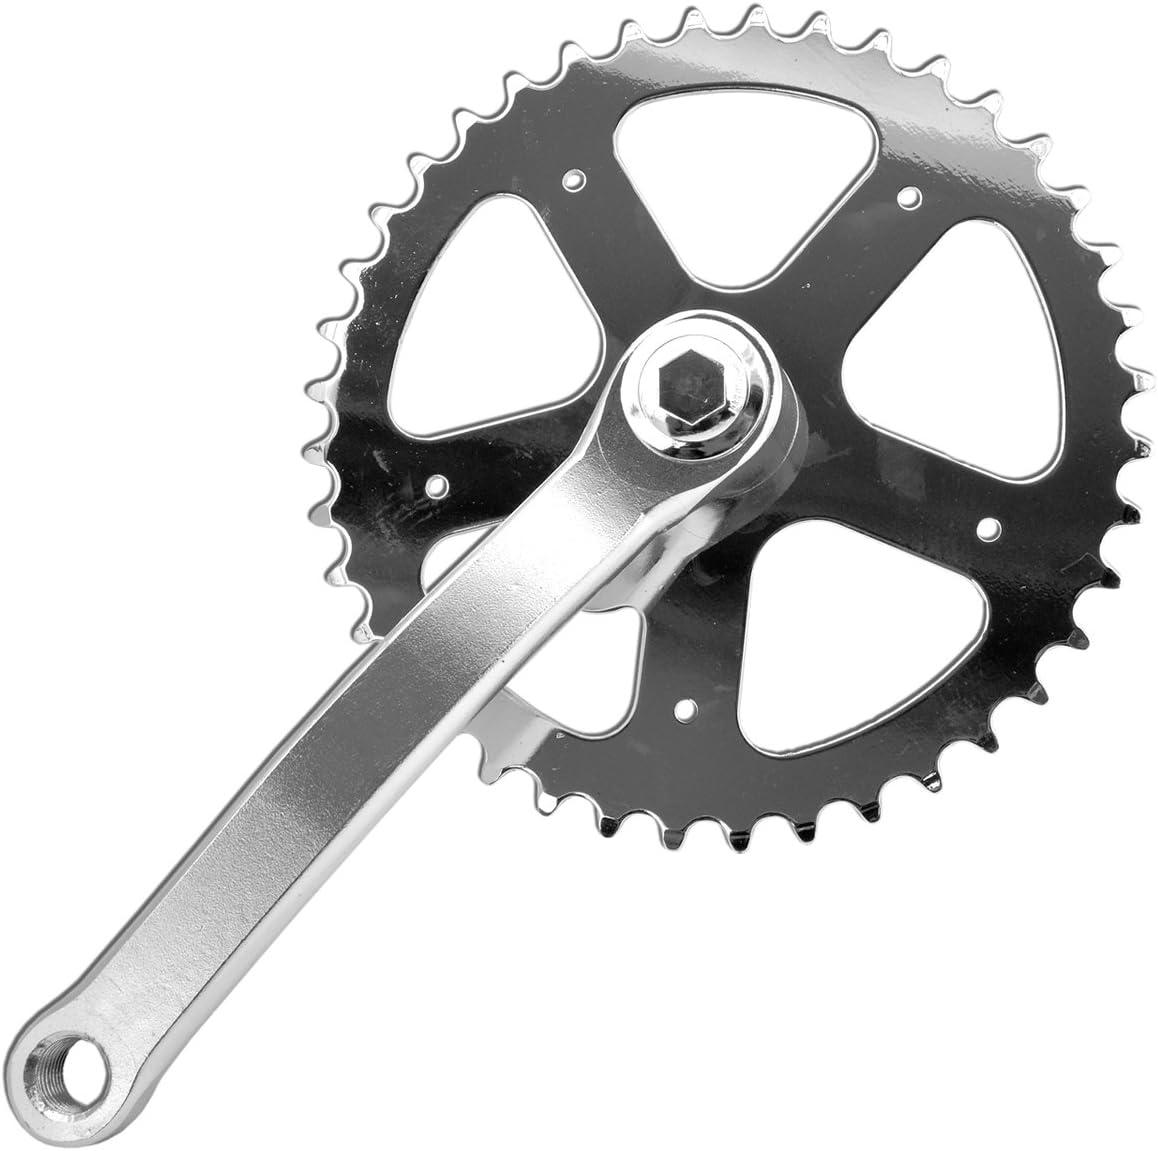 Piñones y bielas, entrada BMX fija, 165 mm, 40 dientes, bicicleta ...